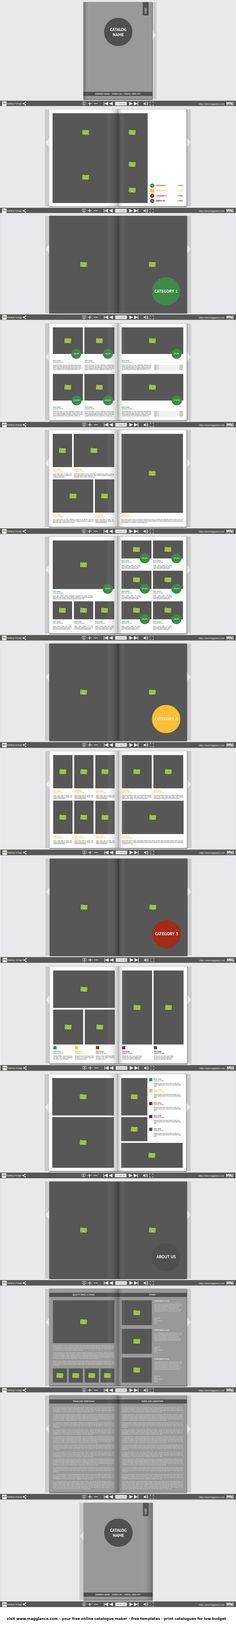 die besten 25 brosch re vorlage ideen auf pinterest. Black Bedroom Furniture Sets. Home Design Ideas